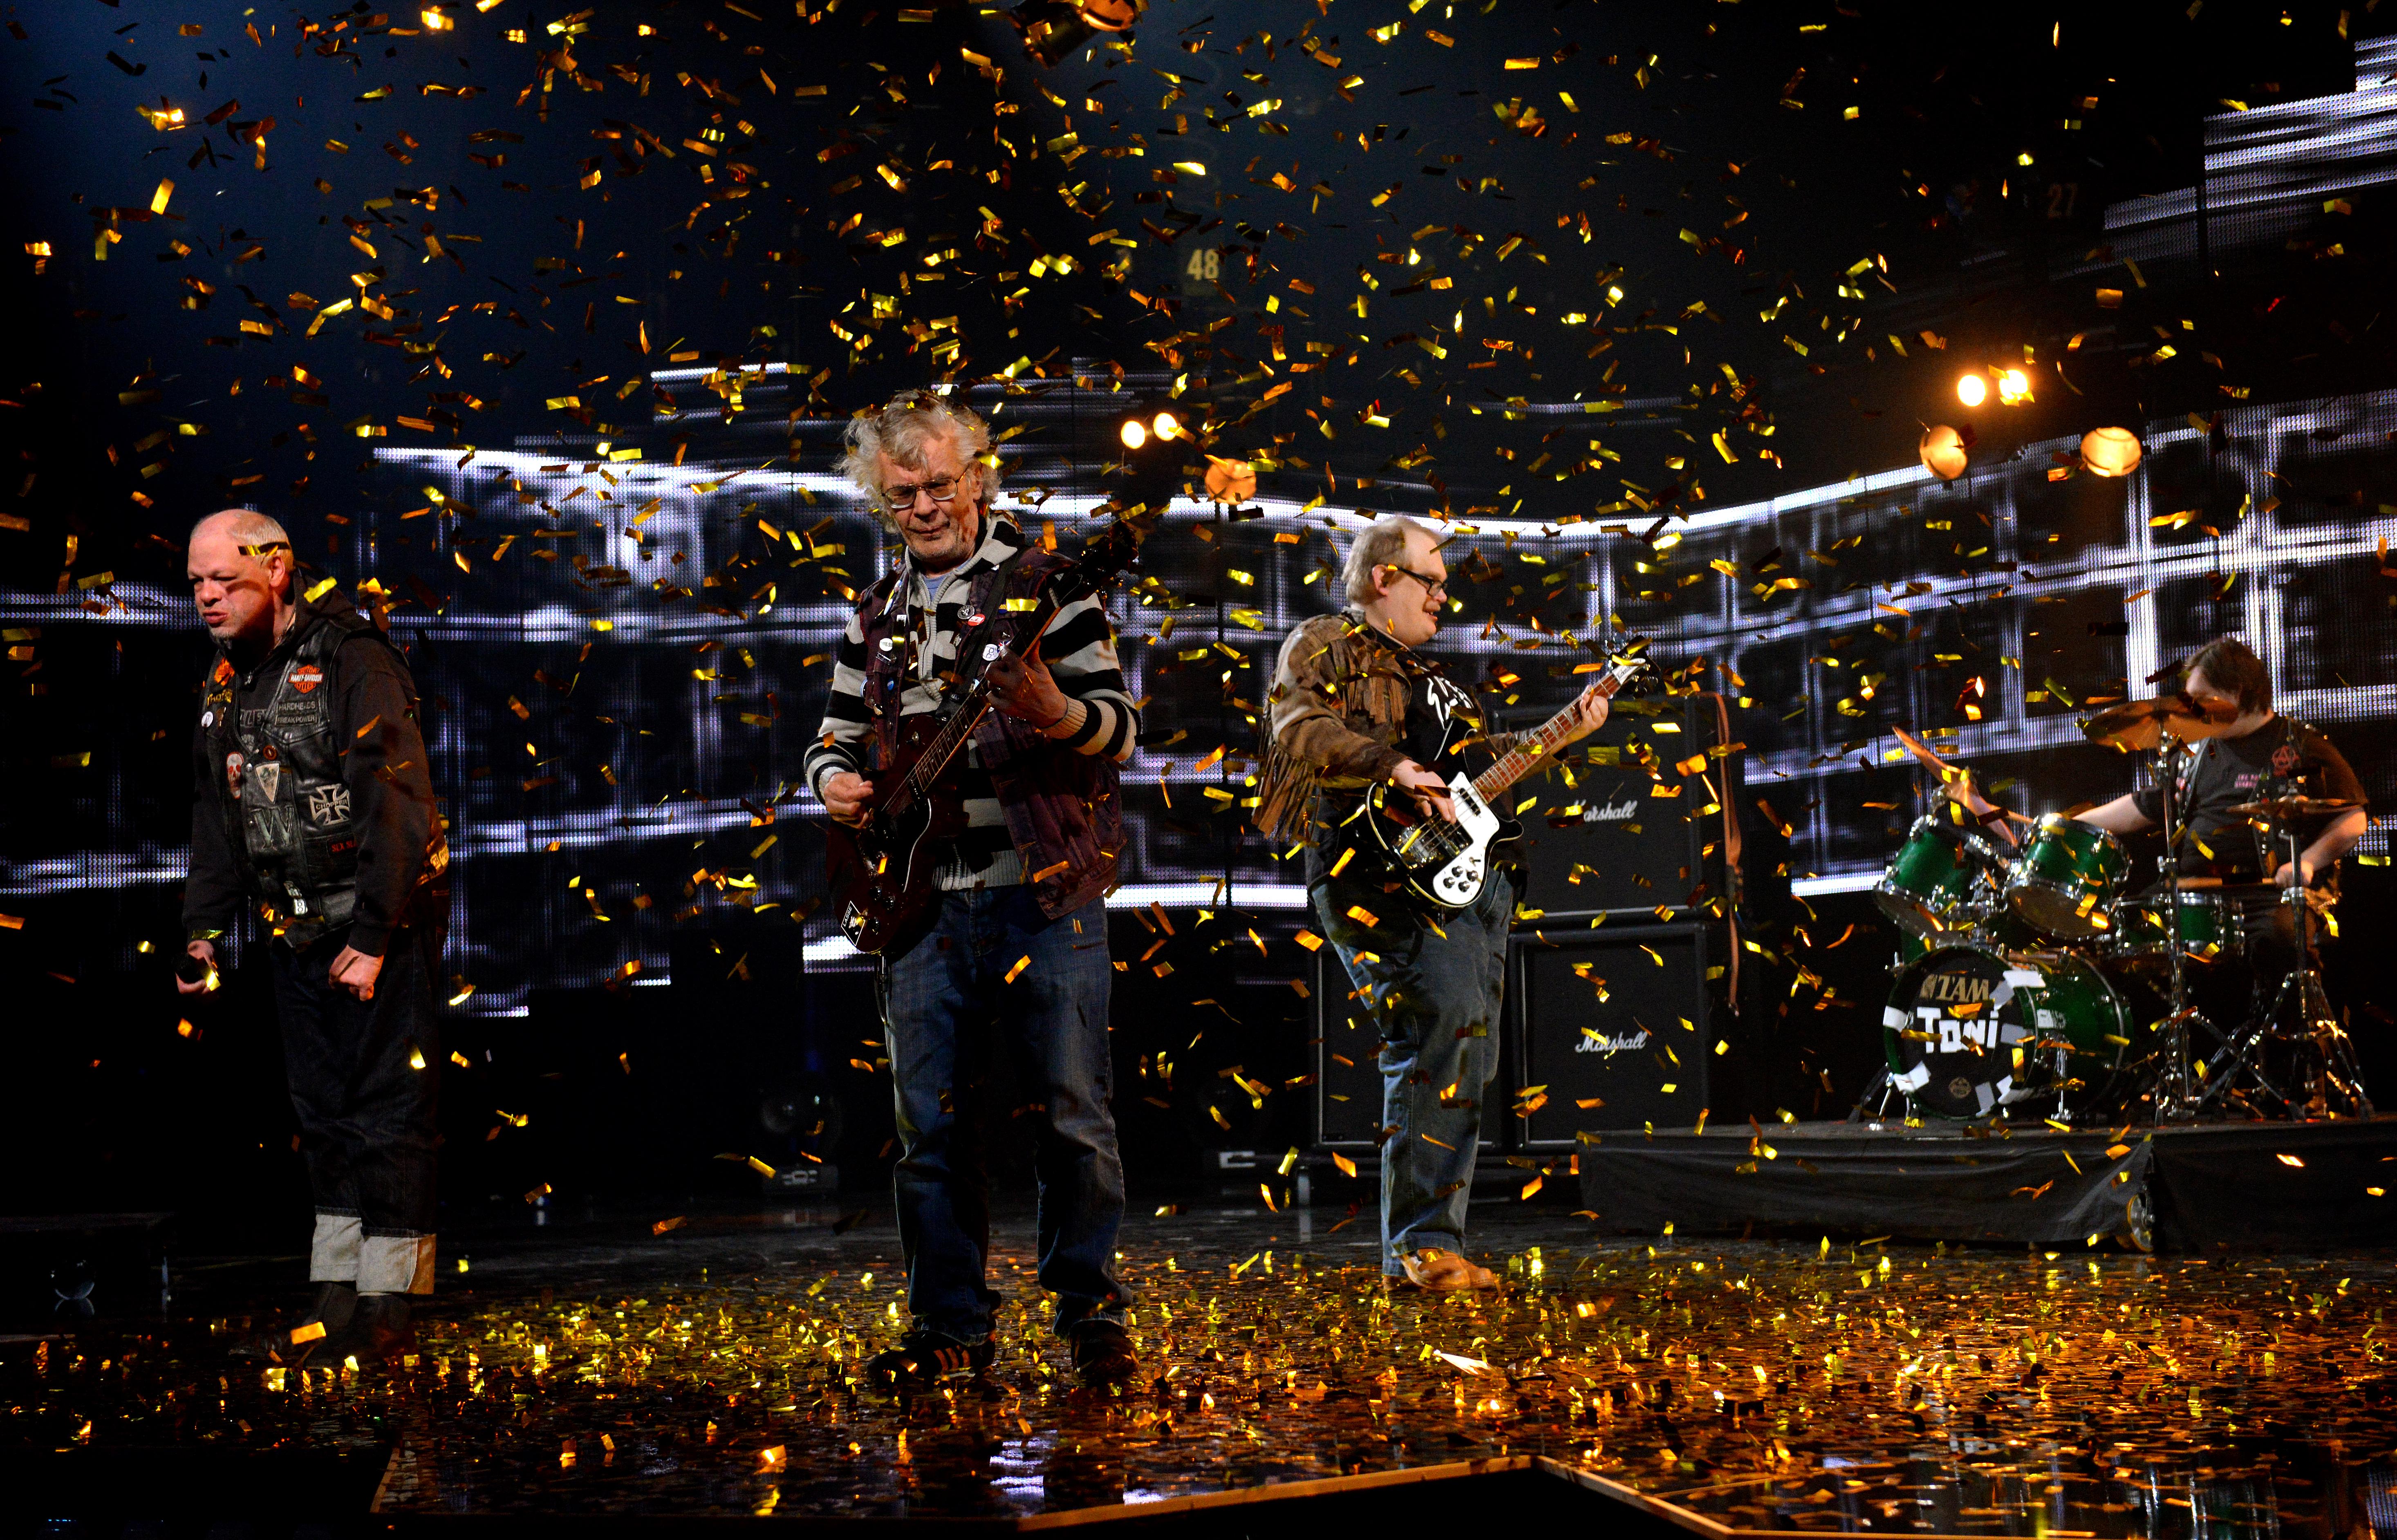 """Pertti Kurikan Nimipäivät won Finland's Eurovision vote with their performance of """"Aina Mun Pitää,"""" or """"I Always Have To."""" From left: Kari Aalto, Pertti Kurikka, Sami Helle, and Toni Välitalo."""